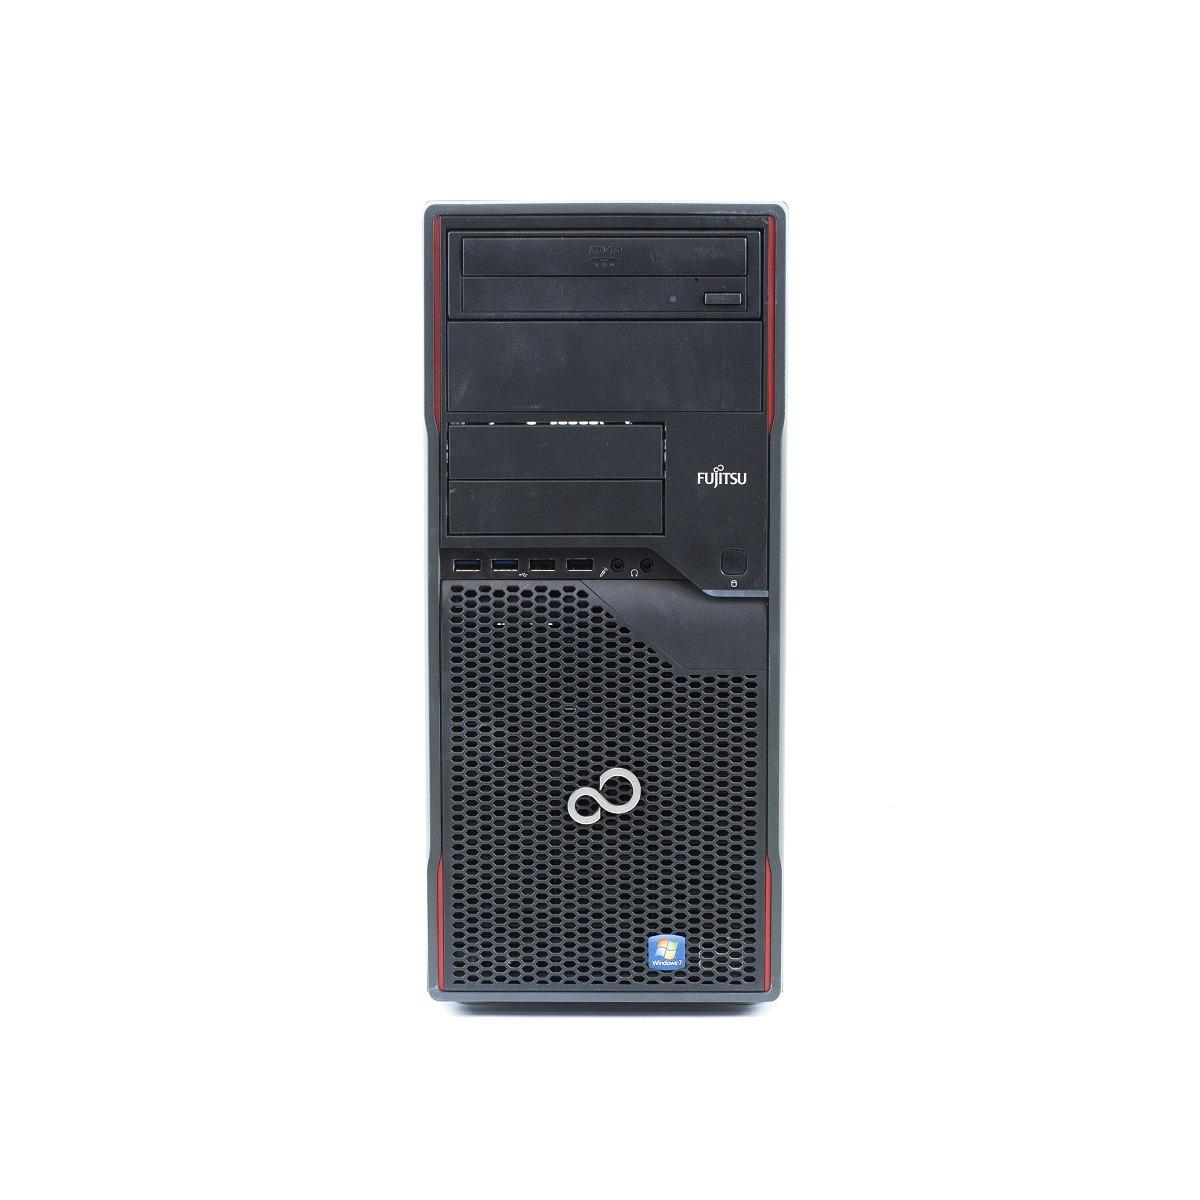 Pc refoo galaxy fujitsu p710 i5 – 3470 8gb ssd 480gb dvd windows 10 professional update garanzia 24 mesi completo di kit tastiera e mouse ed imballo personalizzato